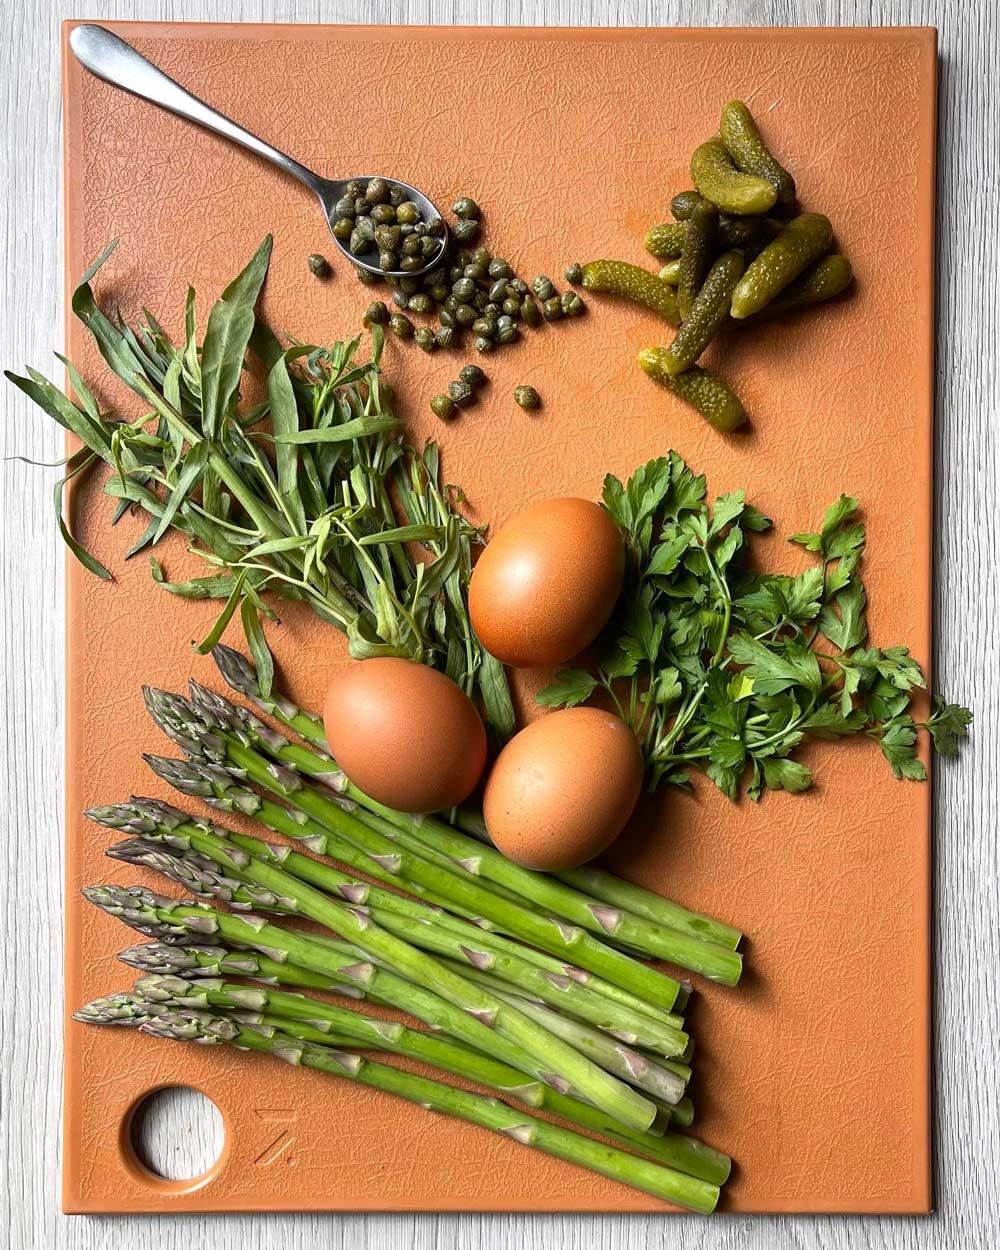 gribiche-salad-ingredients